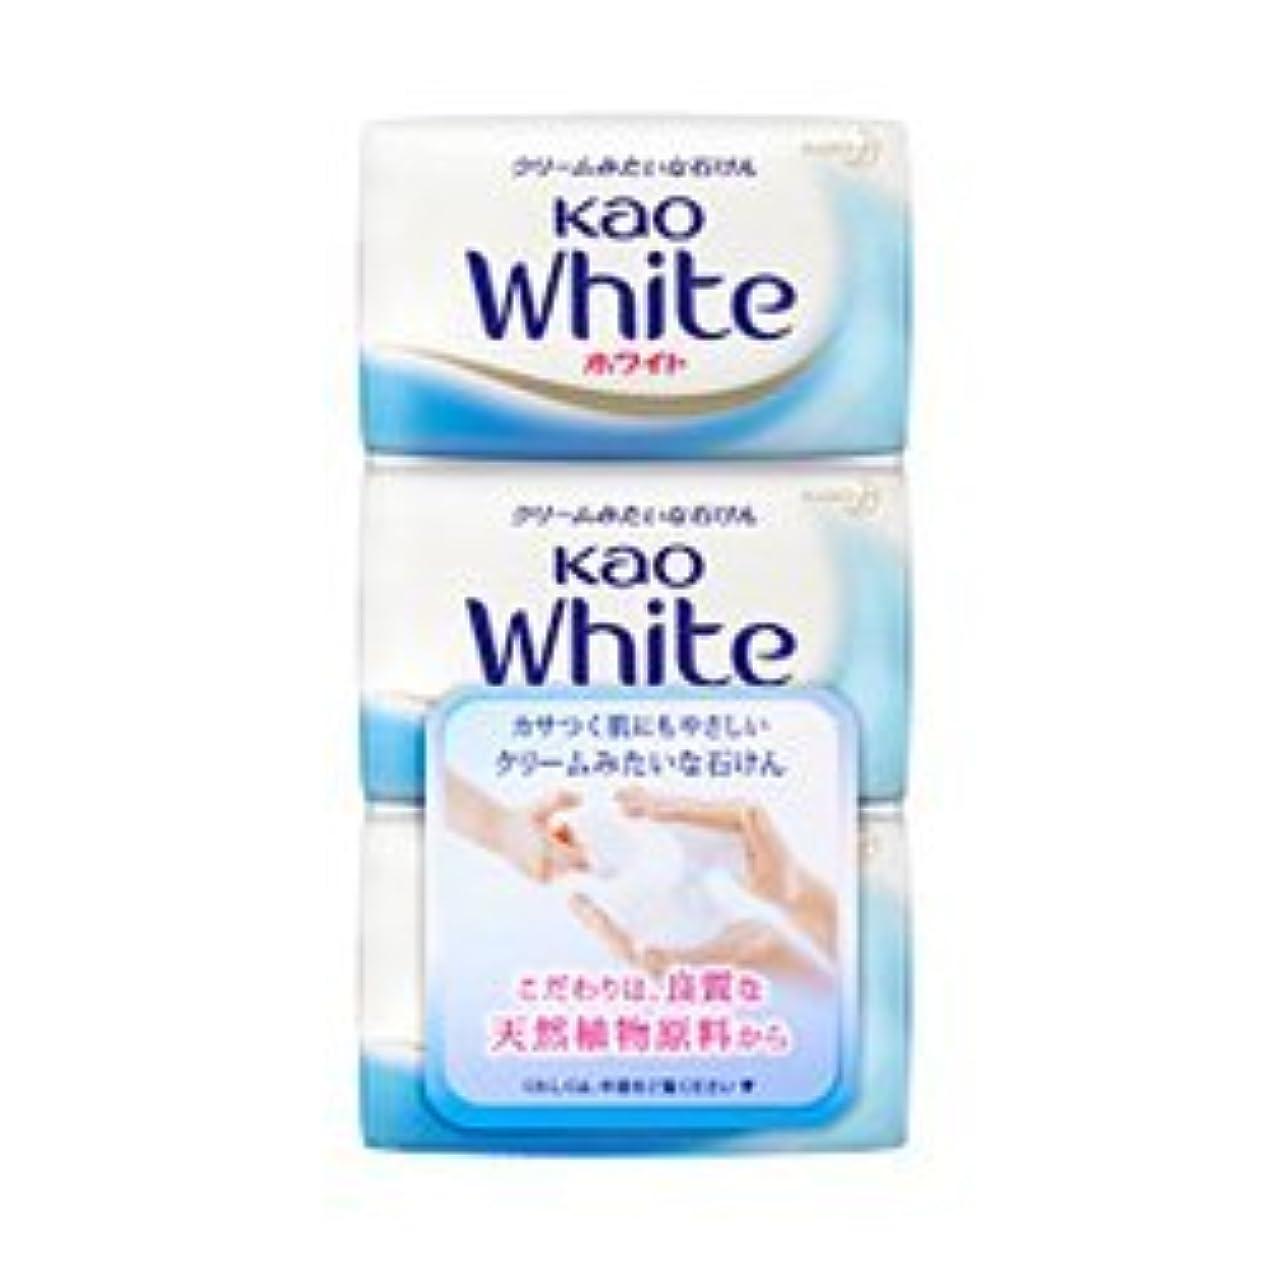 摂氏剪断文明化する【花王】花王ホワイト レギュラーサイズ (85g×3個) ×5個セット